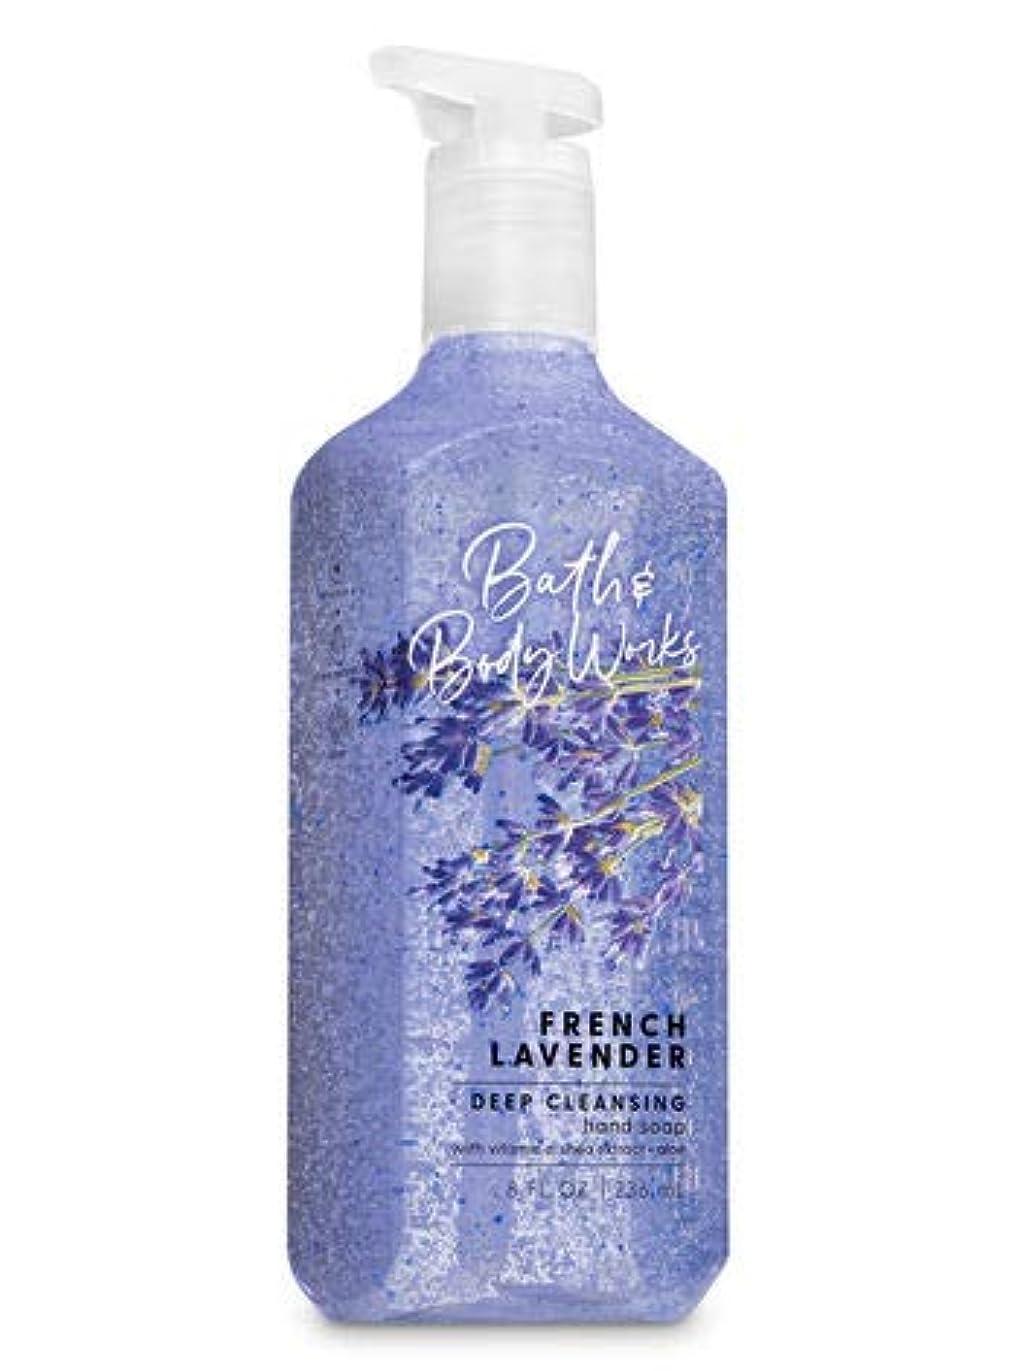 ハイランド傭兵規則性バス&ボディワークス フレンチラベンダー ディープクレンジングハンドソープ French Lavender Deep Cleansing Hand Soap